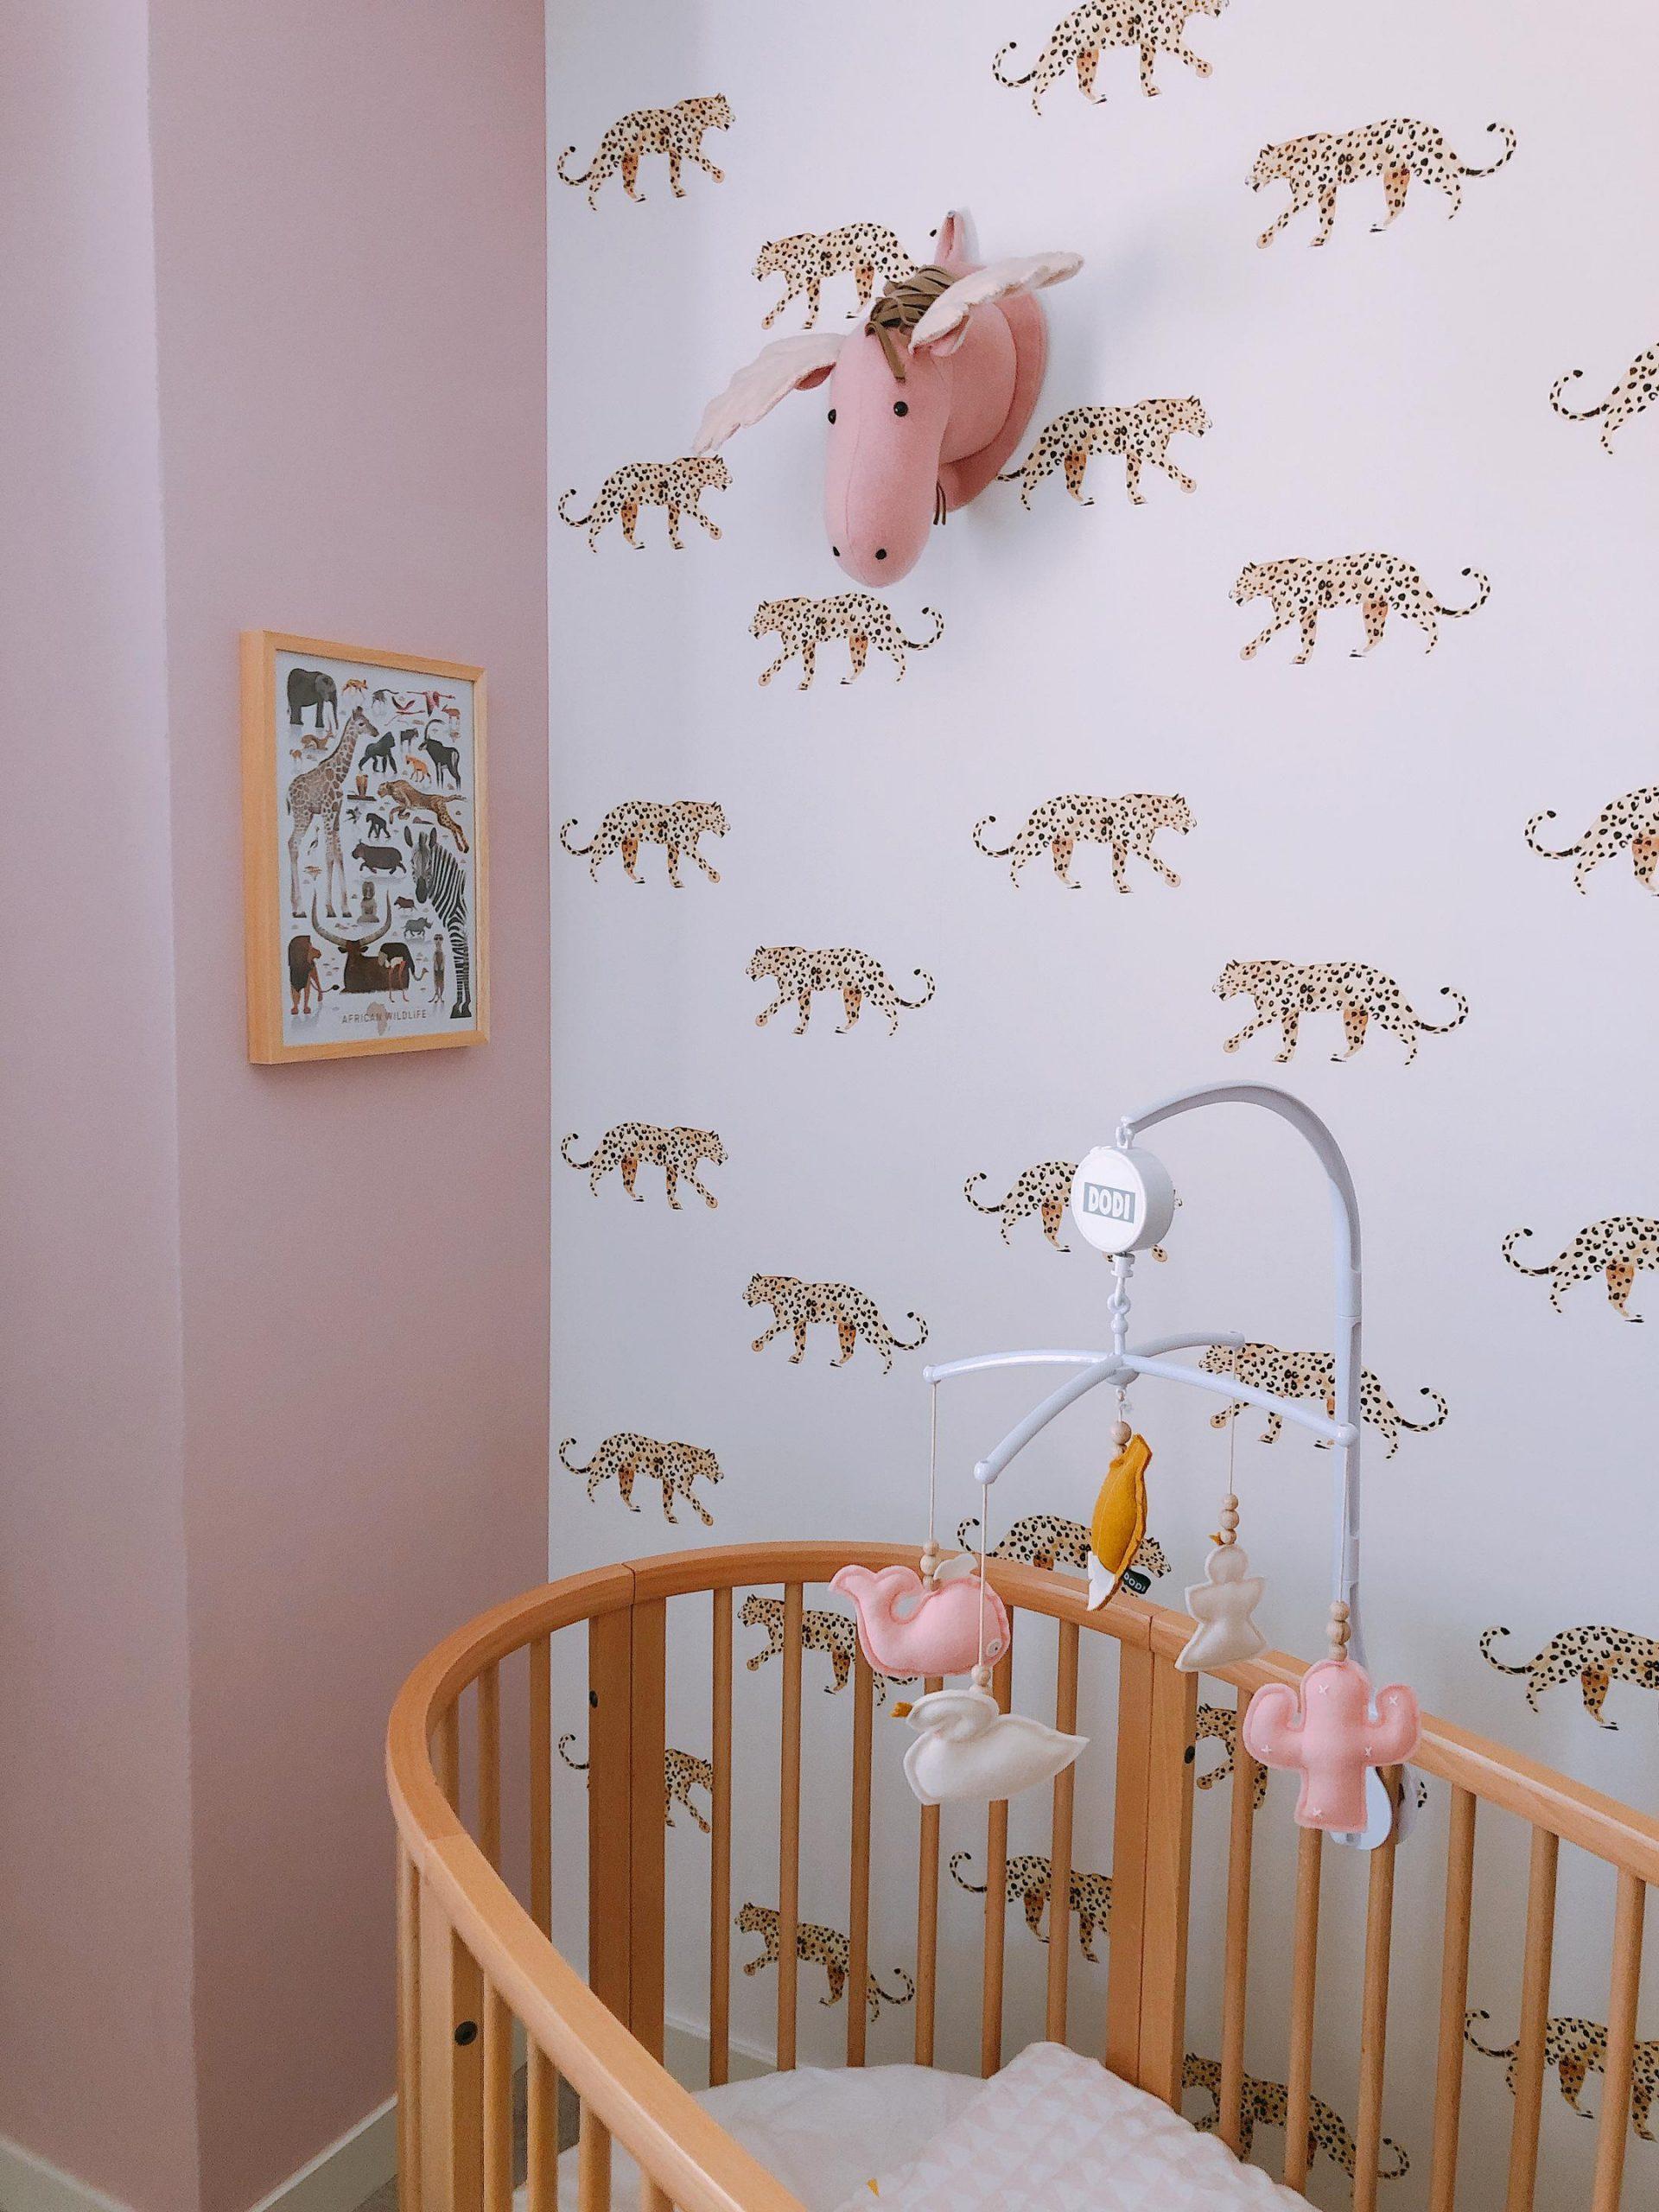 IMG 6864 2160x2880 1 scaled - De nieuwe accessoires op de kinderkamers én onze slaapkamer!